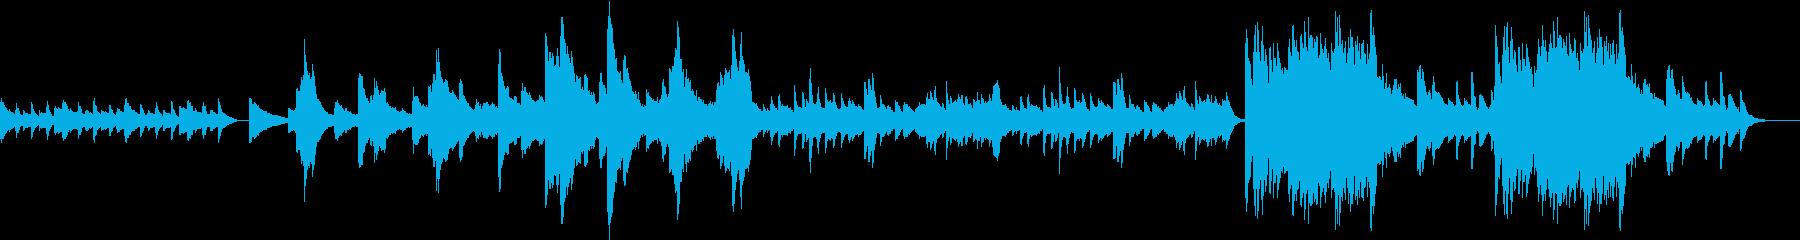 クラシカルな雰囲気のピアノ曲の再生済みの波形